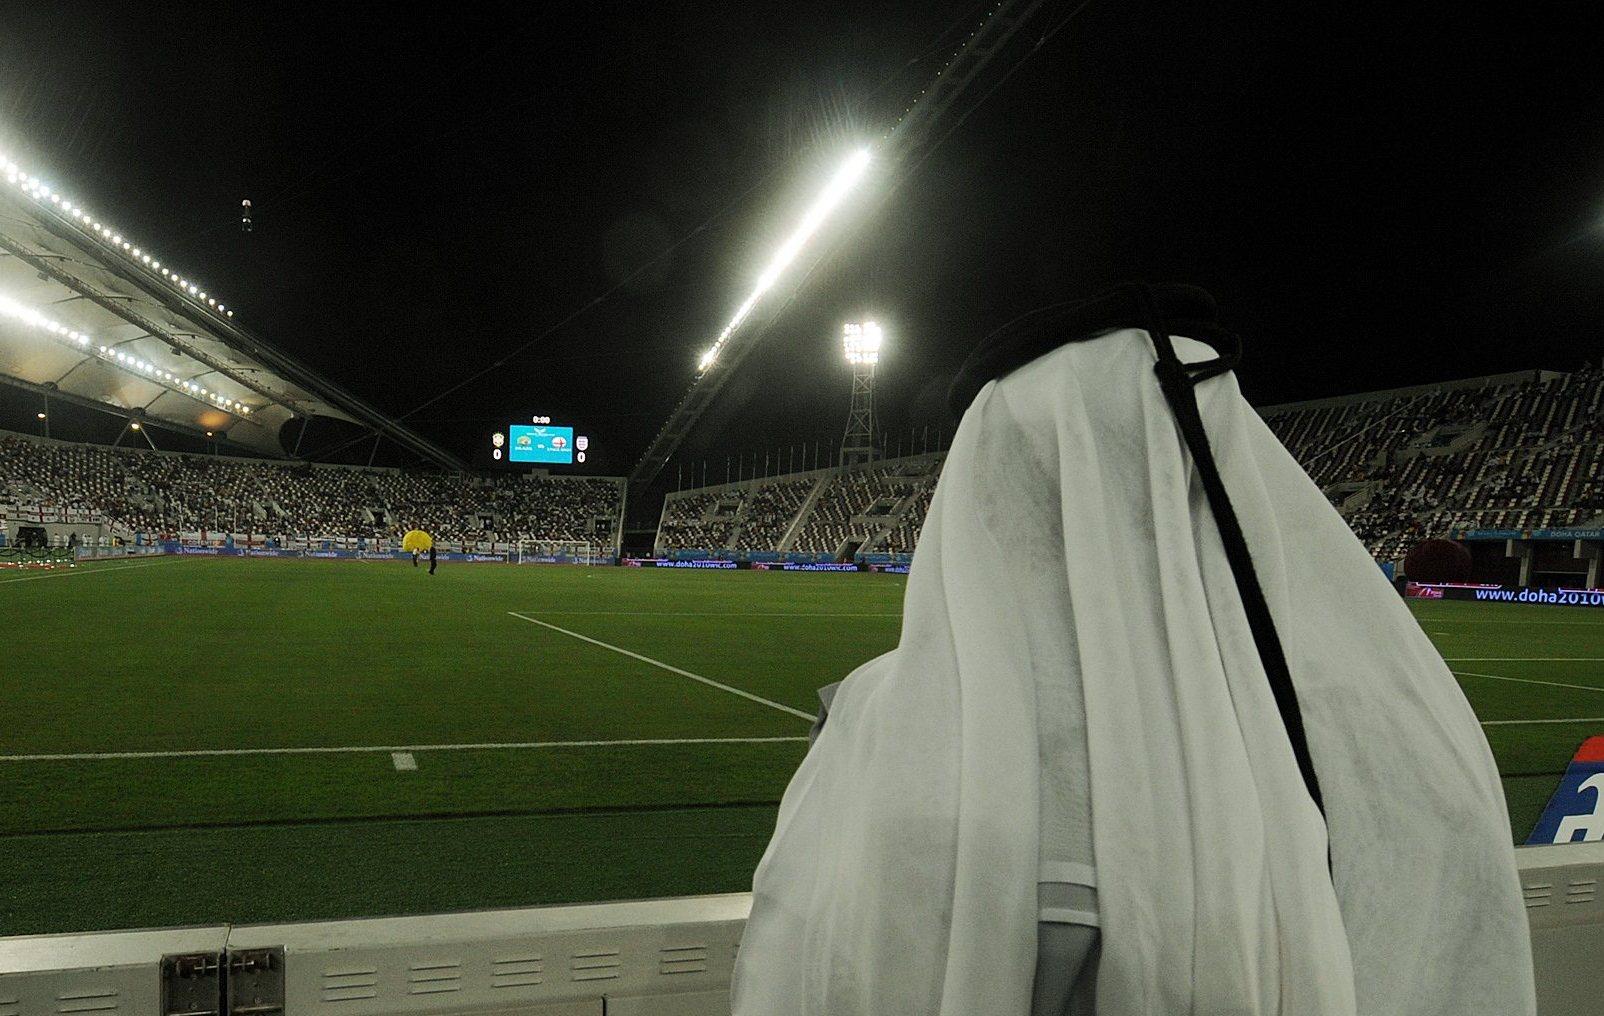 Le qatar voit grand coupe du monde football - Qatar football coupe du monde ...